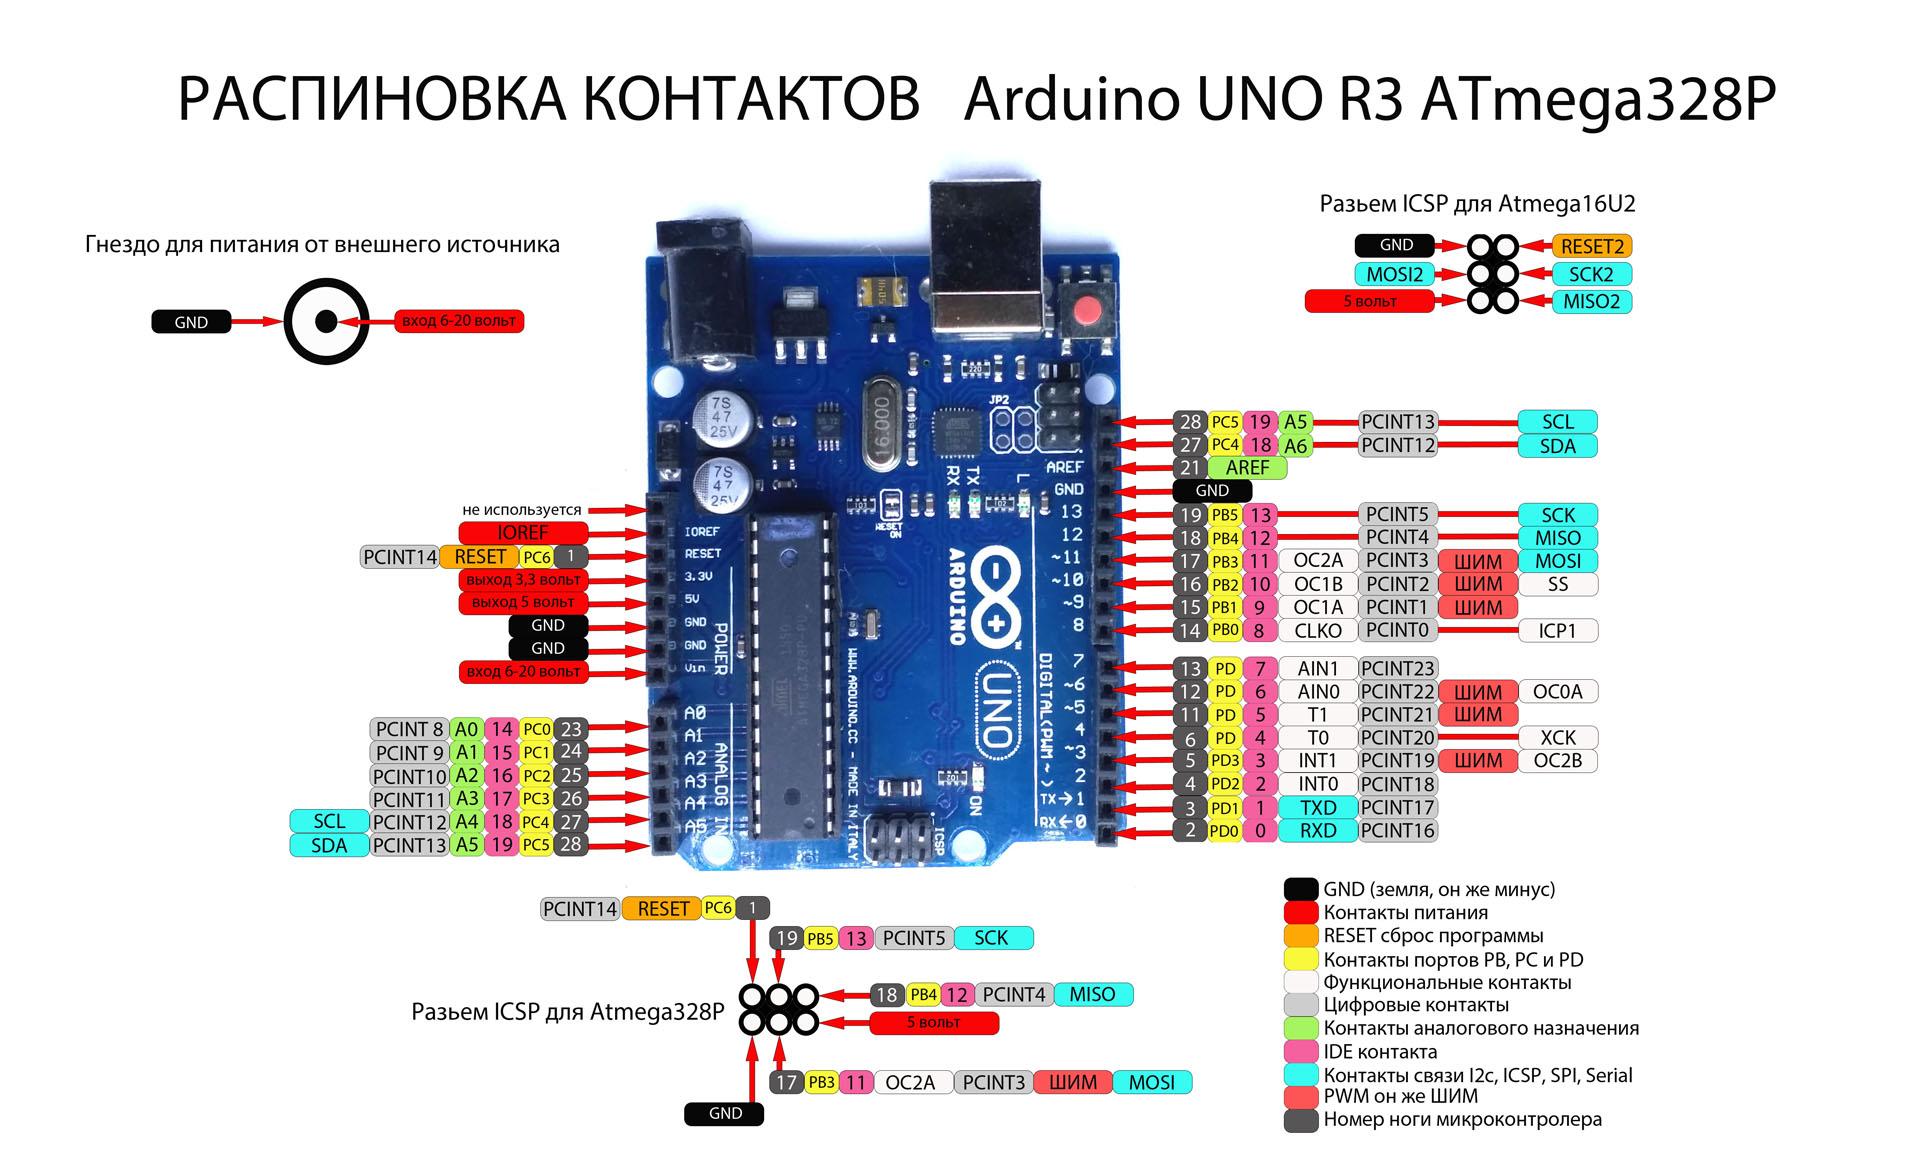 Популярные контроллеры arduino: какую плату выбрать новичку?